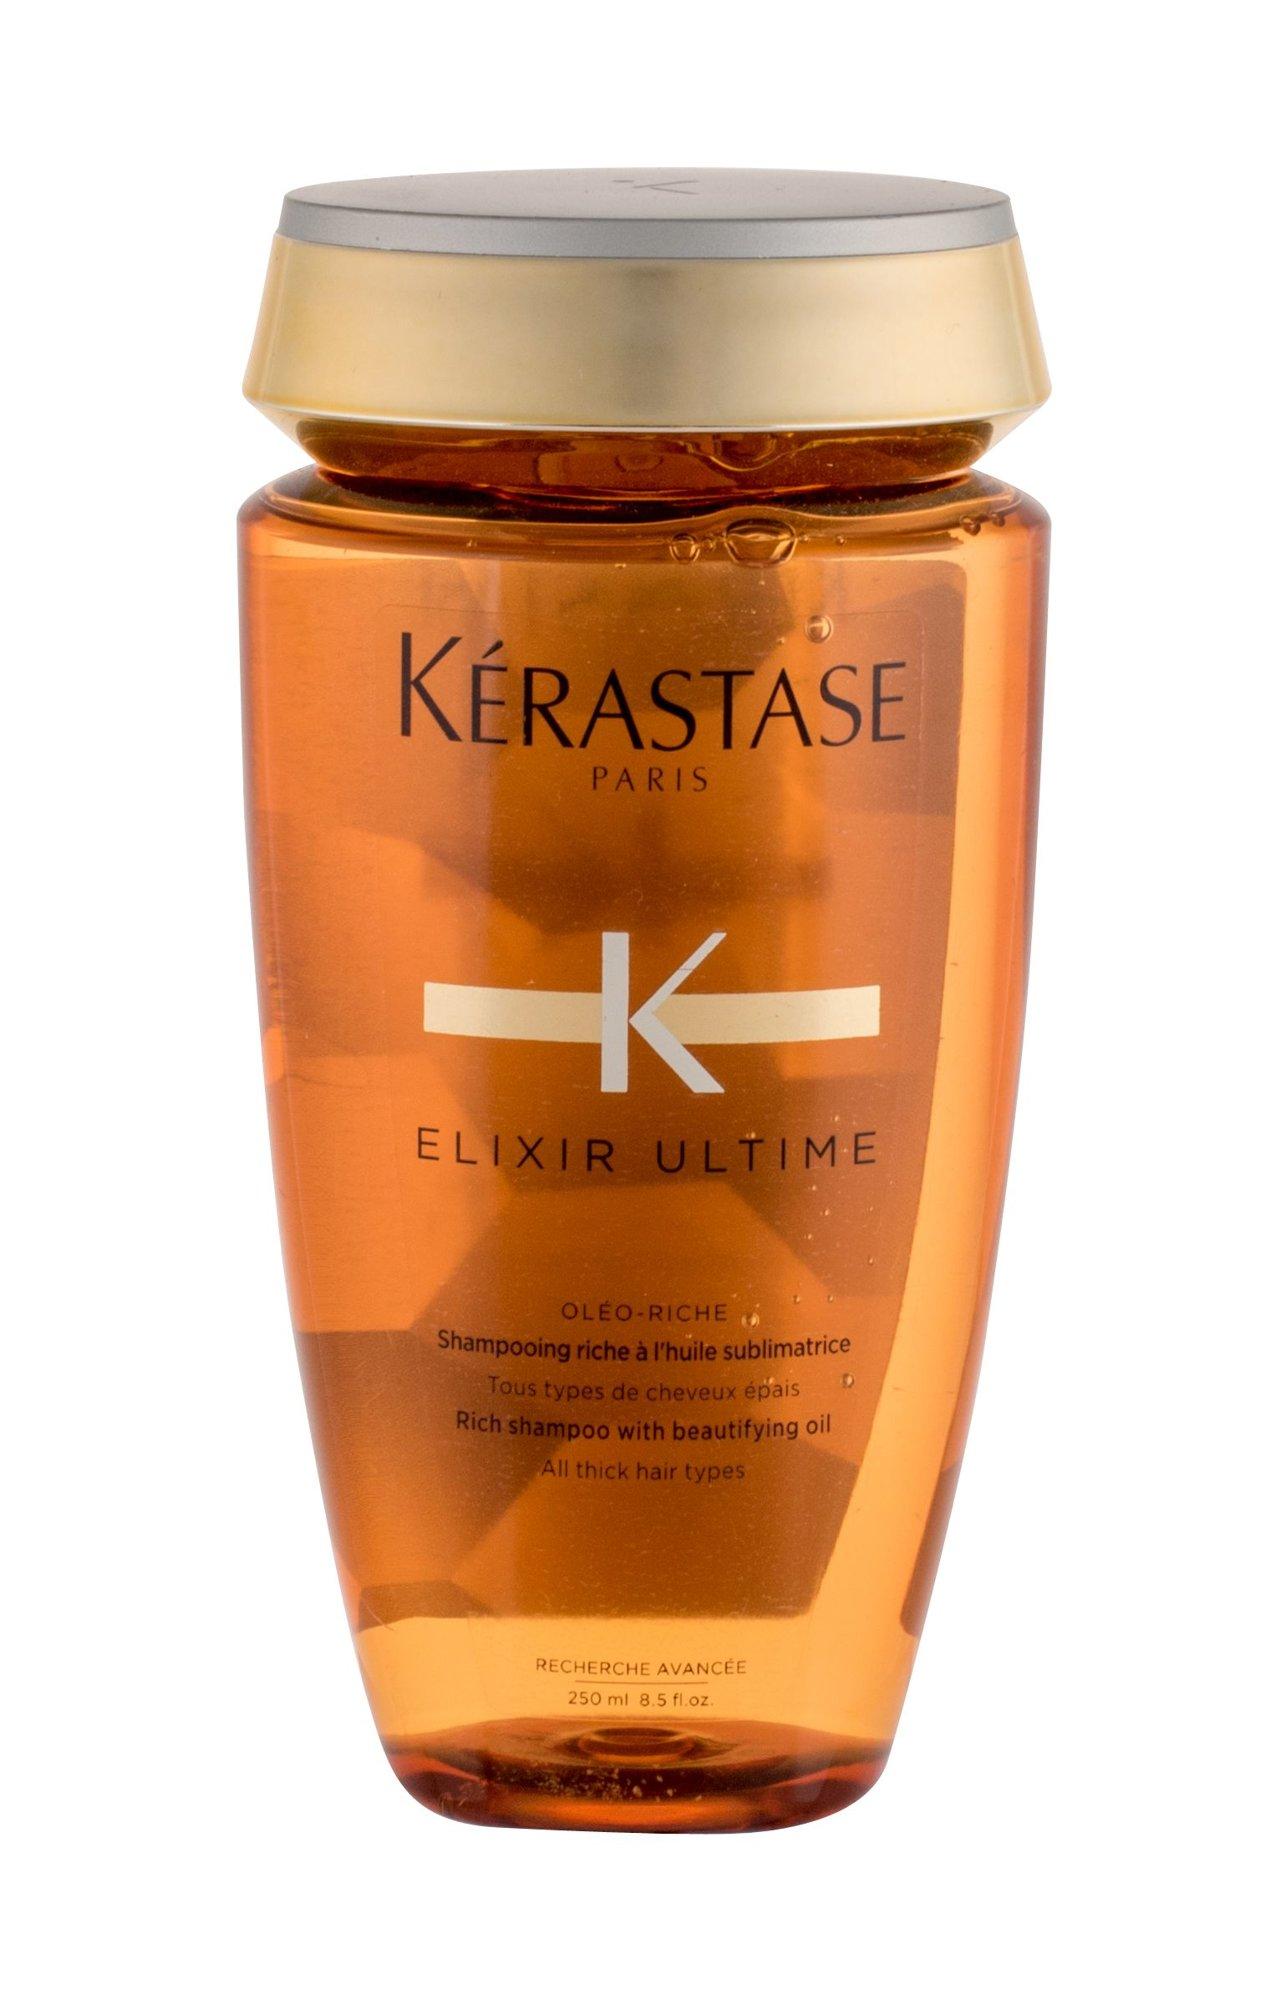 Kérastase Elixir Ultime Cosmetic 250ml